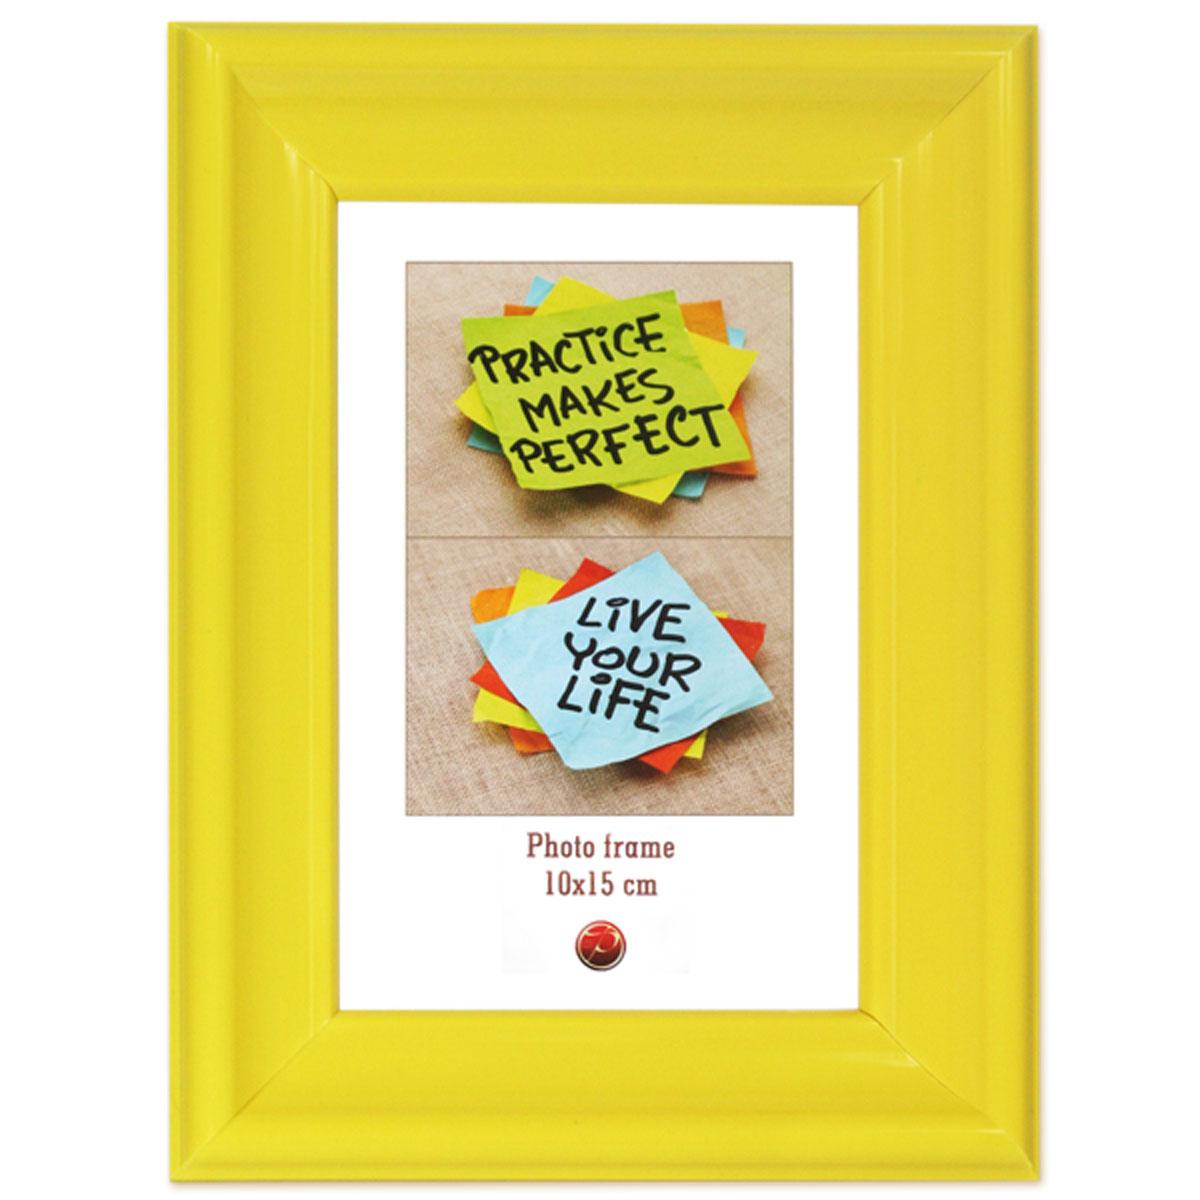 Фоторамка Pioneer Rainbow, цвет: желтый, 10 x 15 см16943 PD06_желтыйФоторамка Pioneer Rainbow выполнена из пластика и стекла, защищающего фотографию. Оборотная сторона рамки оснащена специальной ножкой, благодаря которой ее можно поставить на стол или любое другое место в доме или офисе. Также изделие оснащено специальными отверстиями для подвешивания на стену. Такая фоторамка поможет вам оригинально и стильно дополнить интерьер помещения, а также позволит сохранить память о дорогих вам людях и интересных событиях вашей жизни.